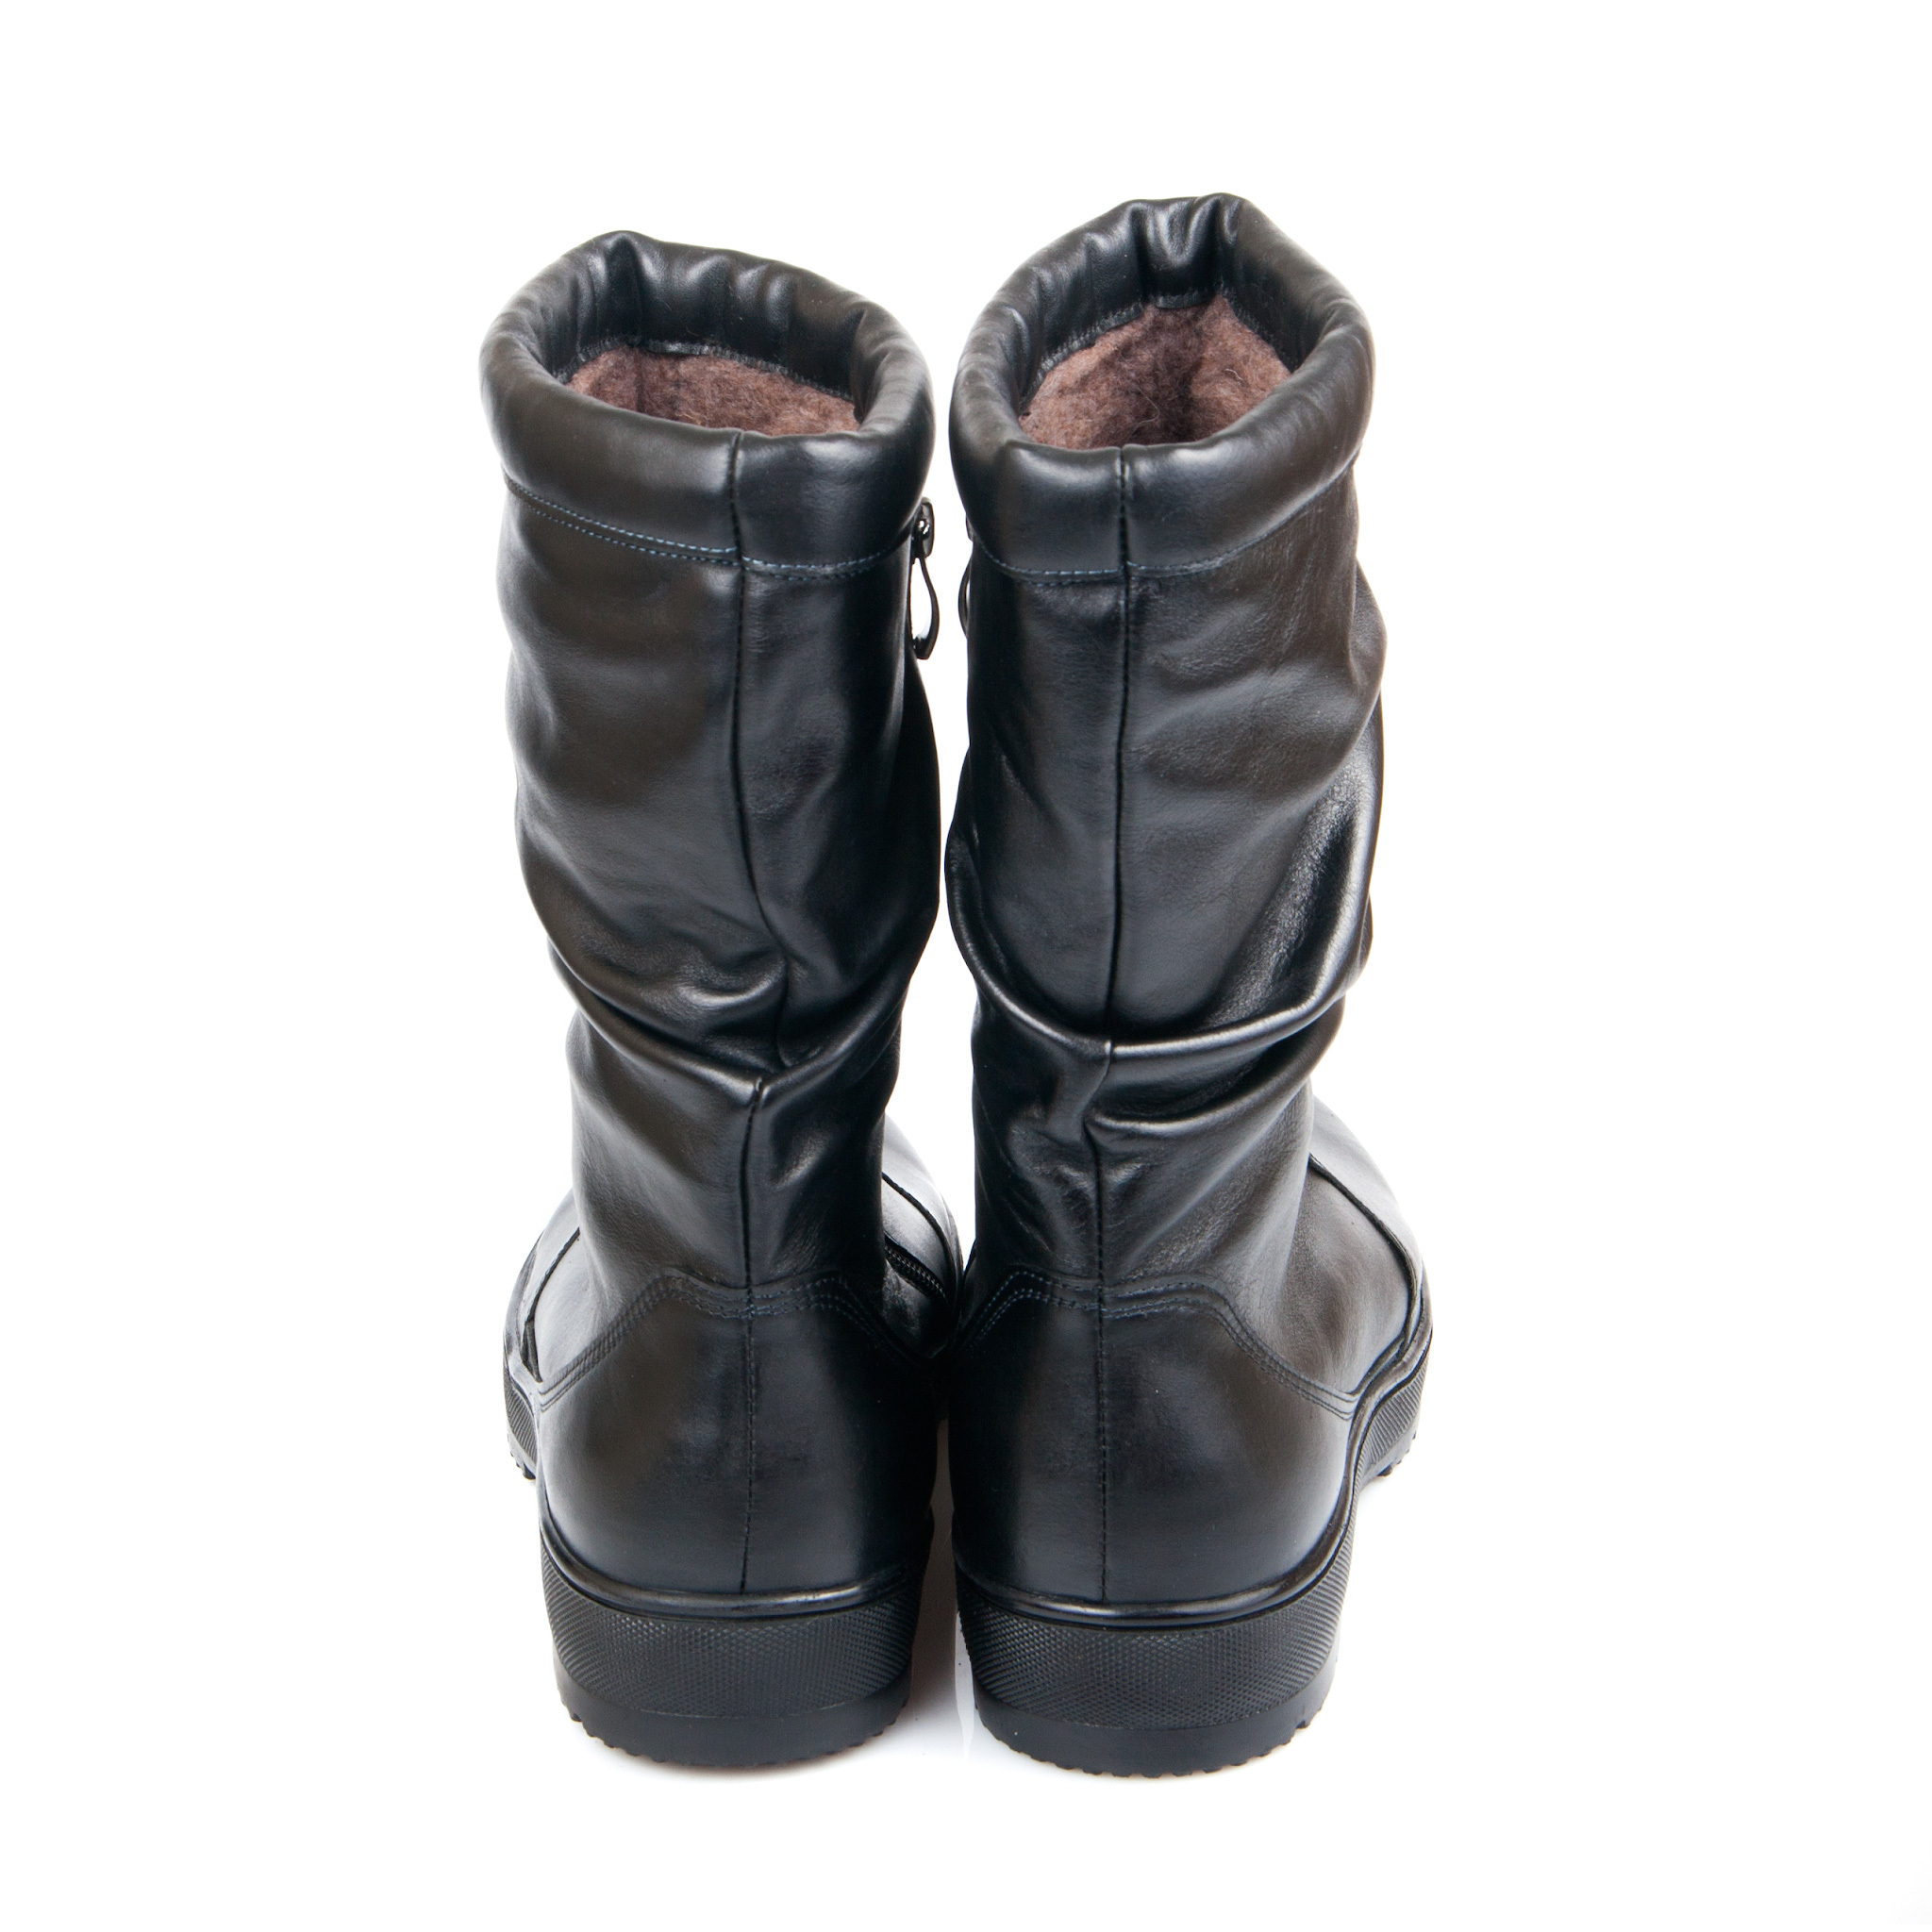 624459 п/сапоги женские больших размеров марки Делфино